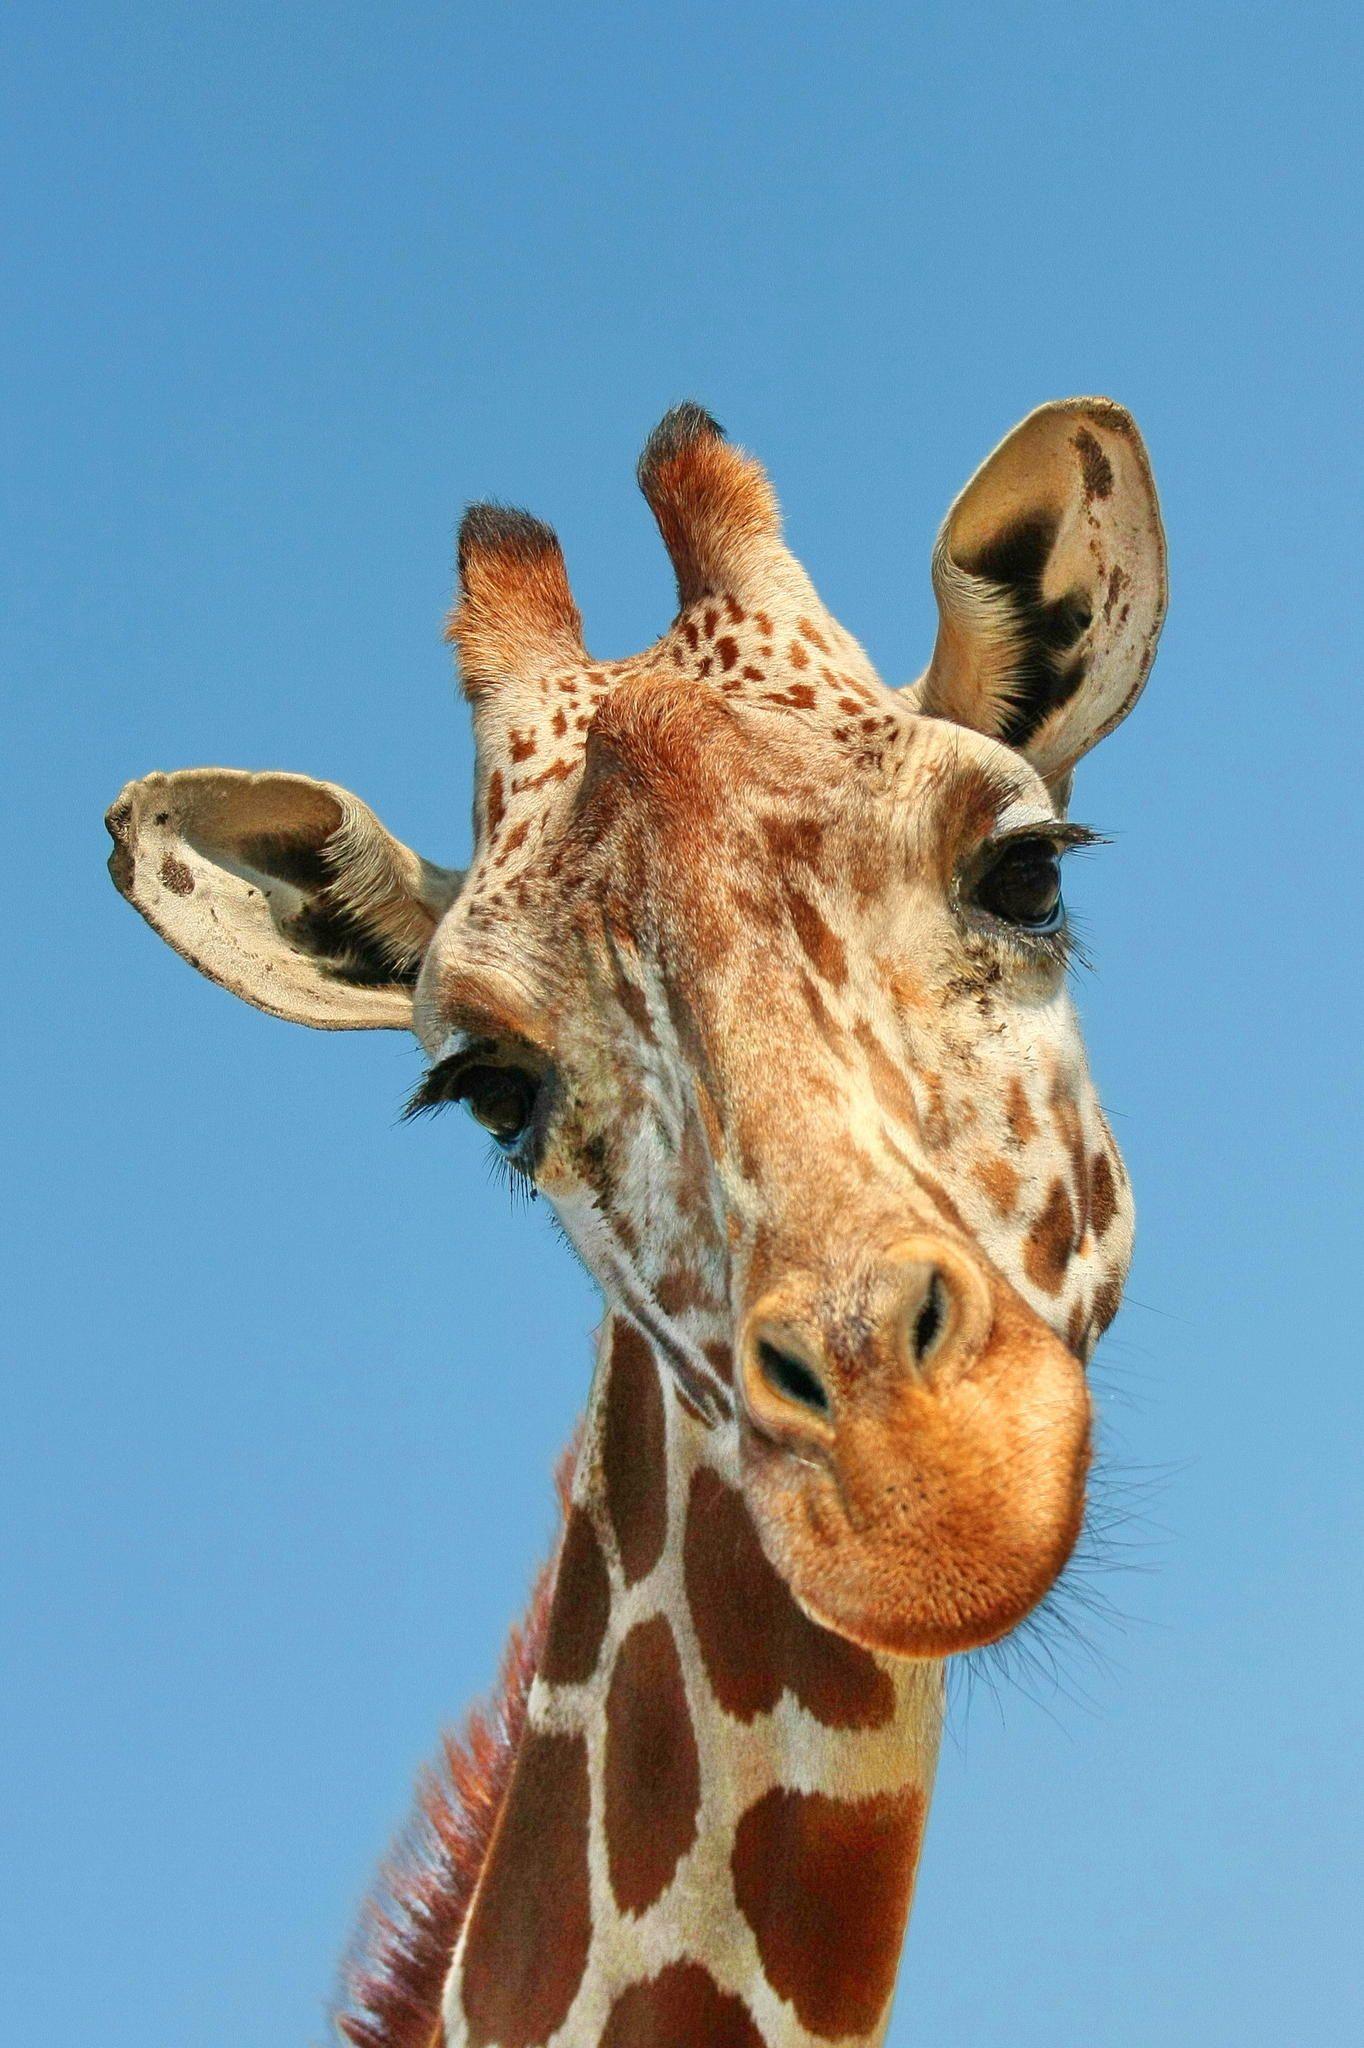 картинки с жирафчиком всех круизах всегда